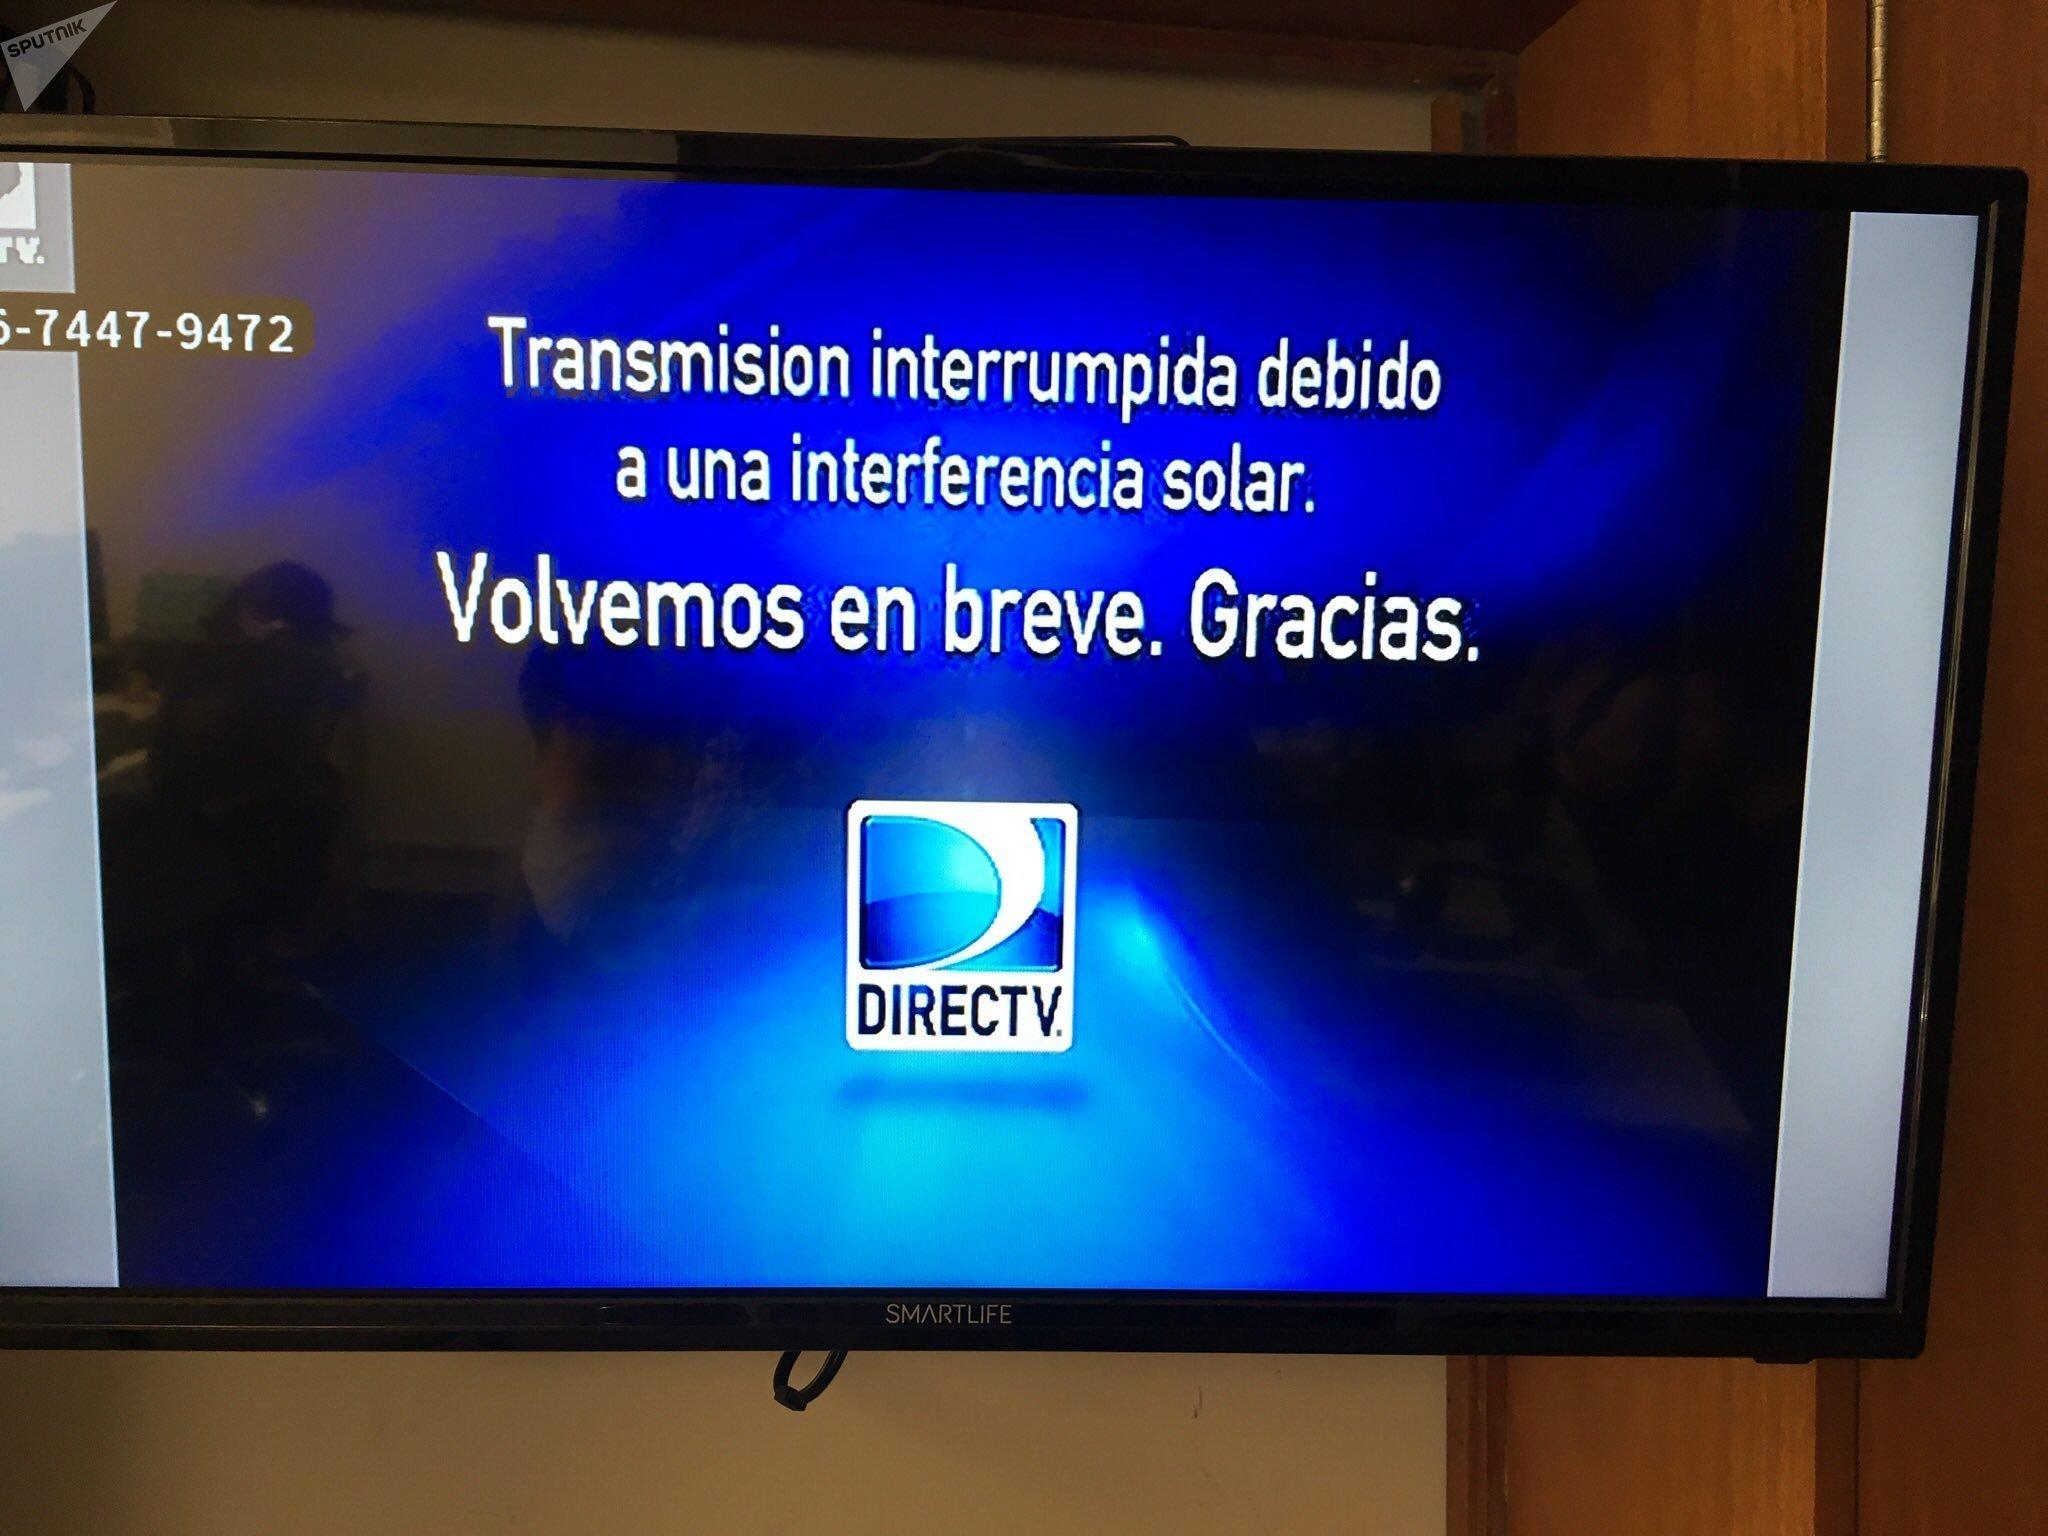 Efectos de la tormenta geomagnética en la televisión de la redacción de Sputnik en Montevideo, el 15 de marzo de 2018.